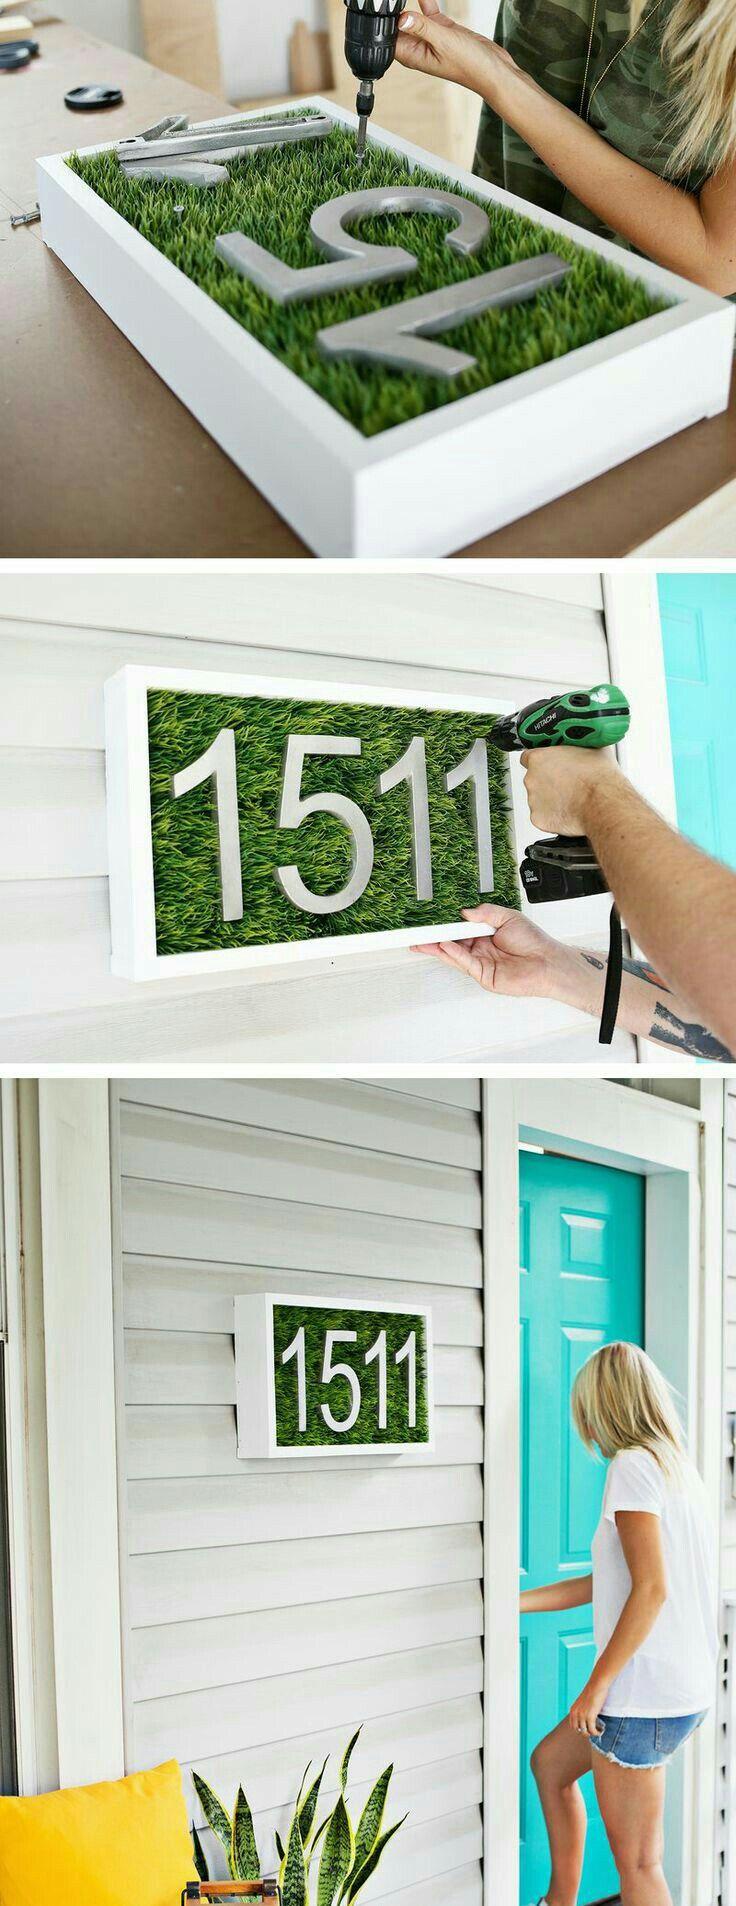 Pin by Tarien de Villiers on DIY | Pinterest | Diy house numbers ...